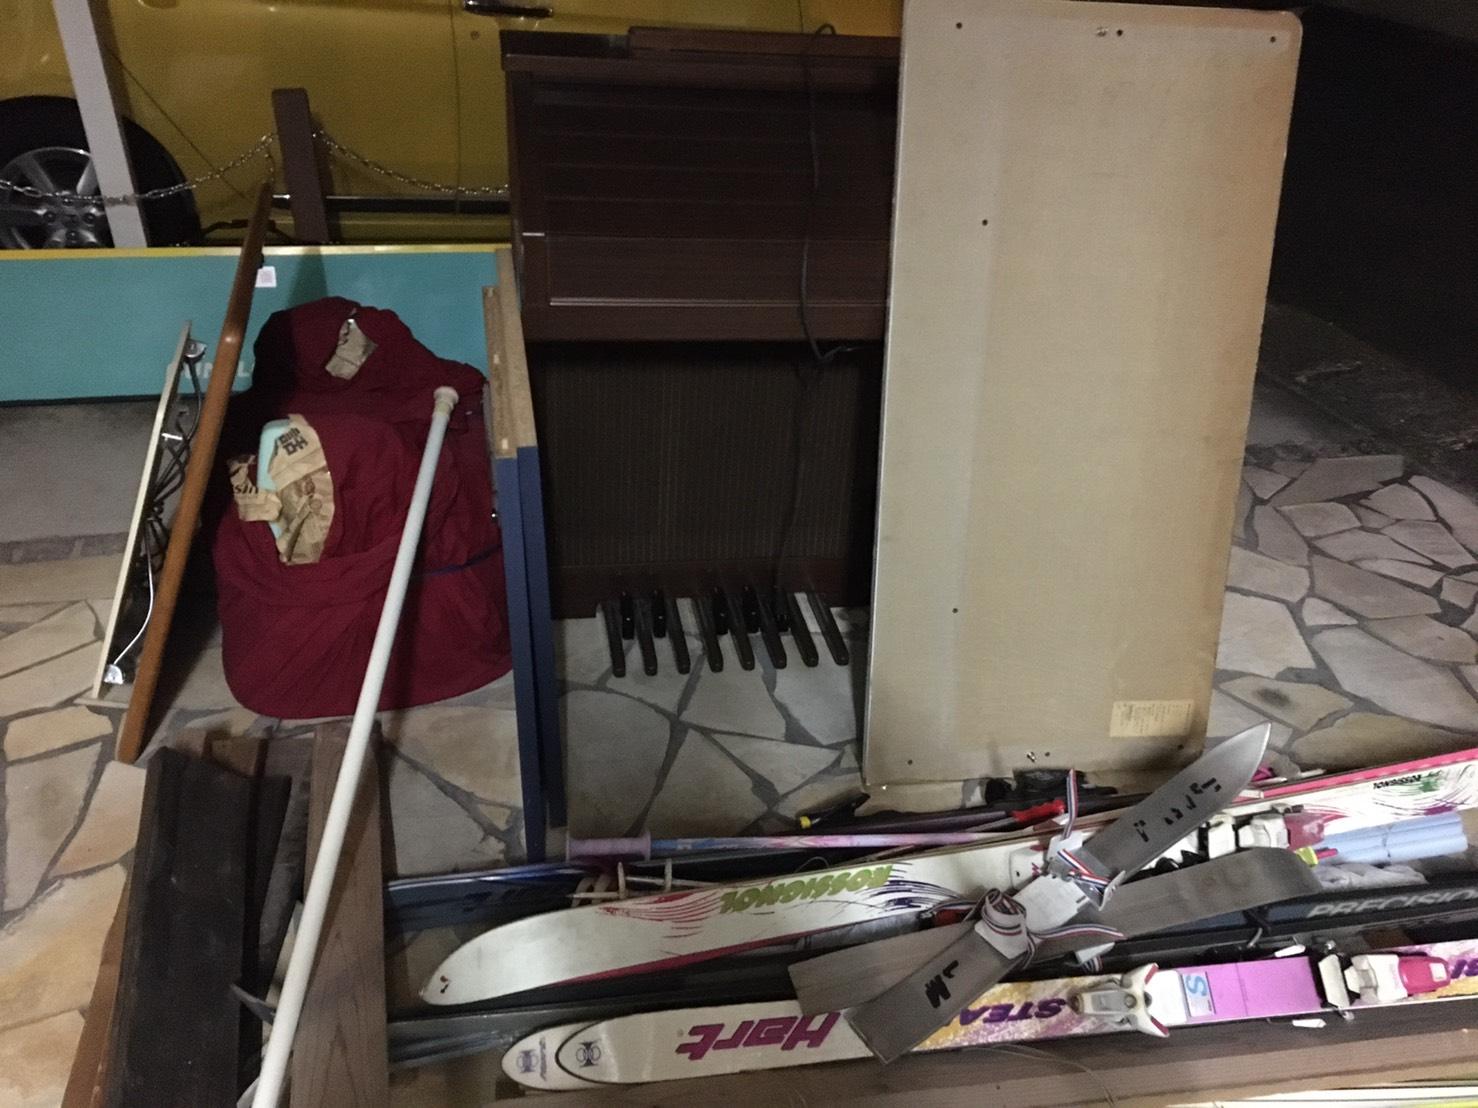 スキー用具、電子ピアノなどの不用品の回収前